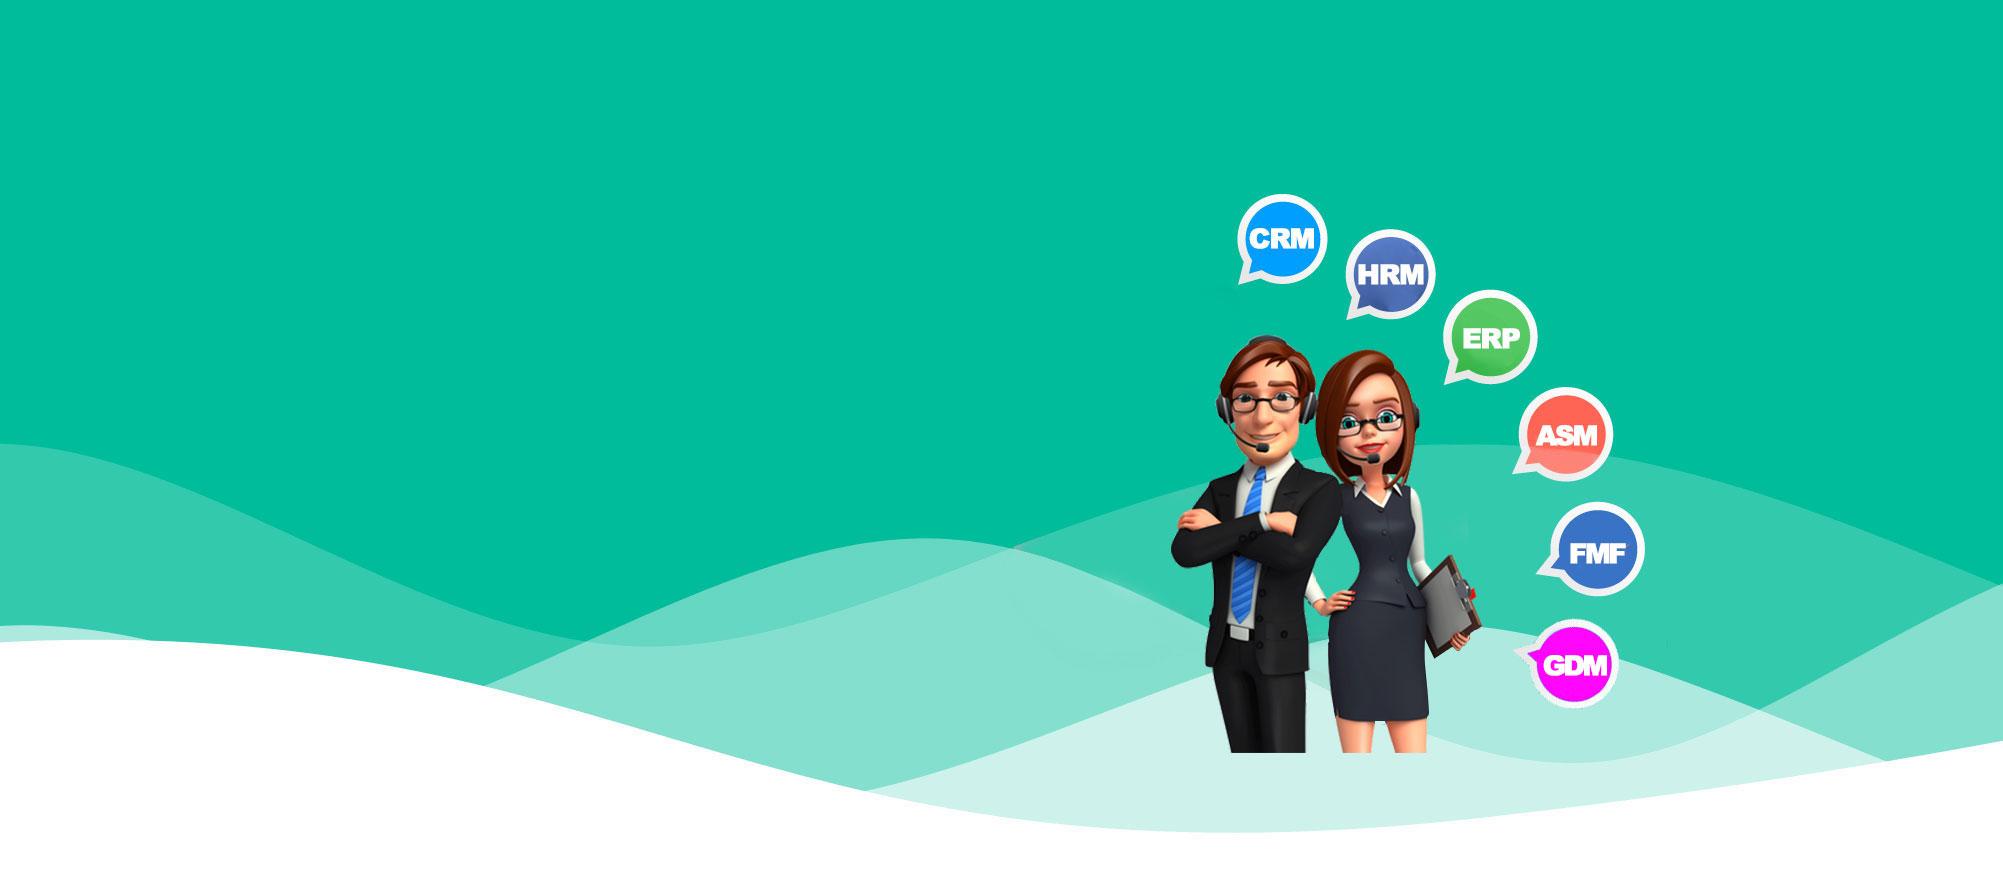 Phần mềm quản lý toàn diện dành cho doanh nghiệp